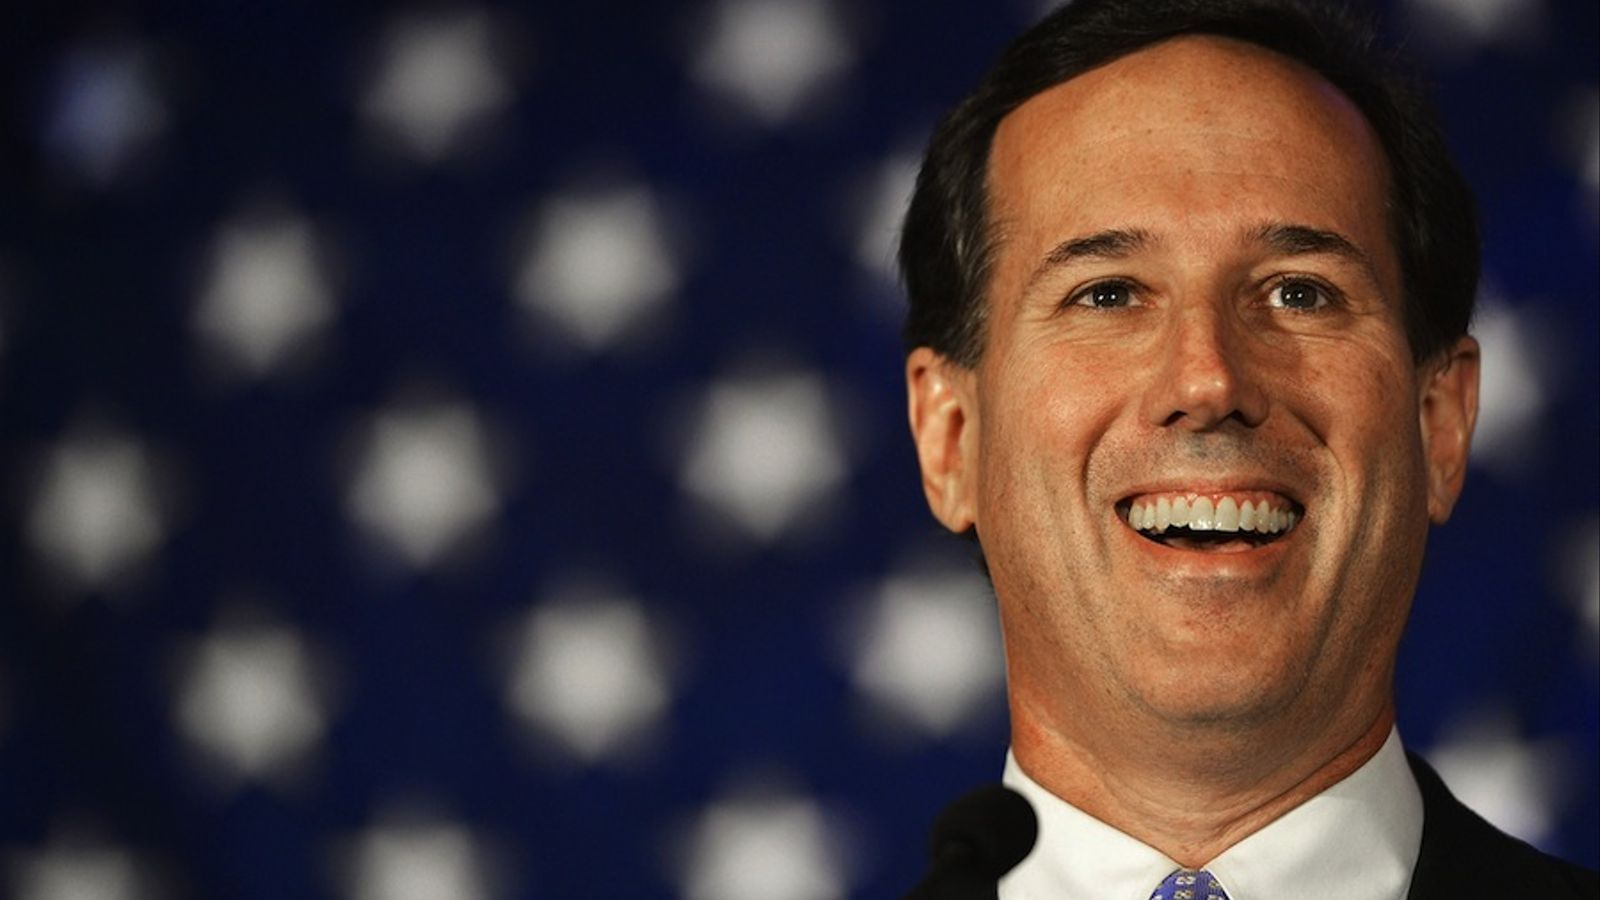 Rick Santorum abandona la cursa electoral republicana